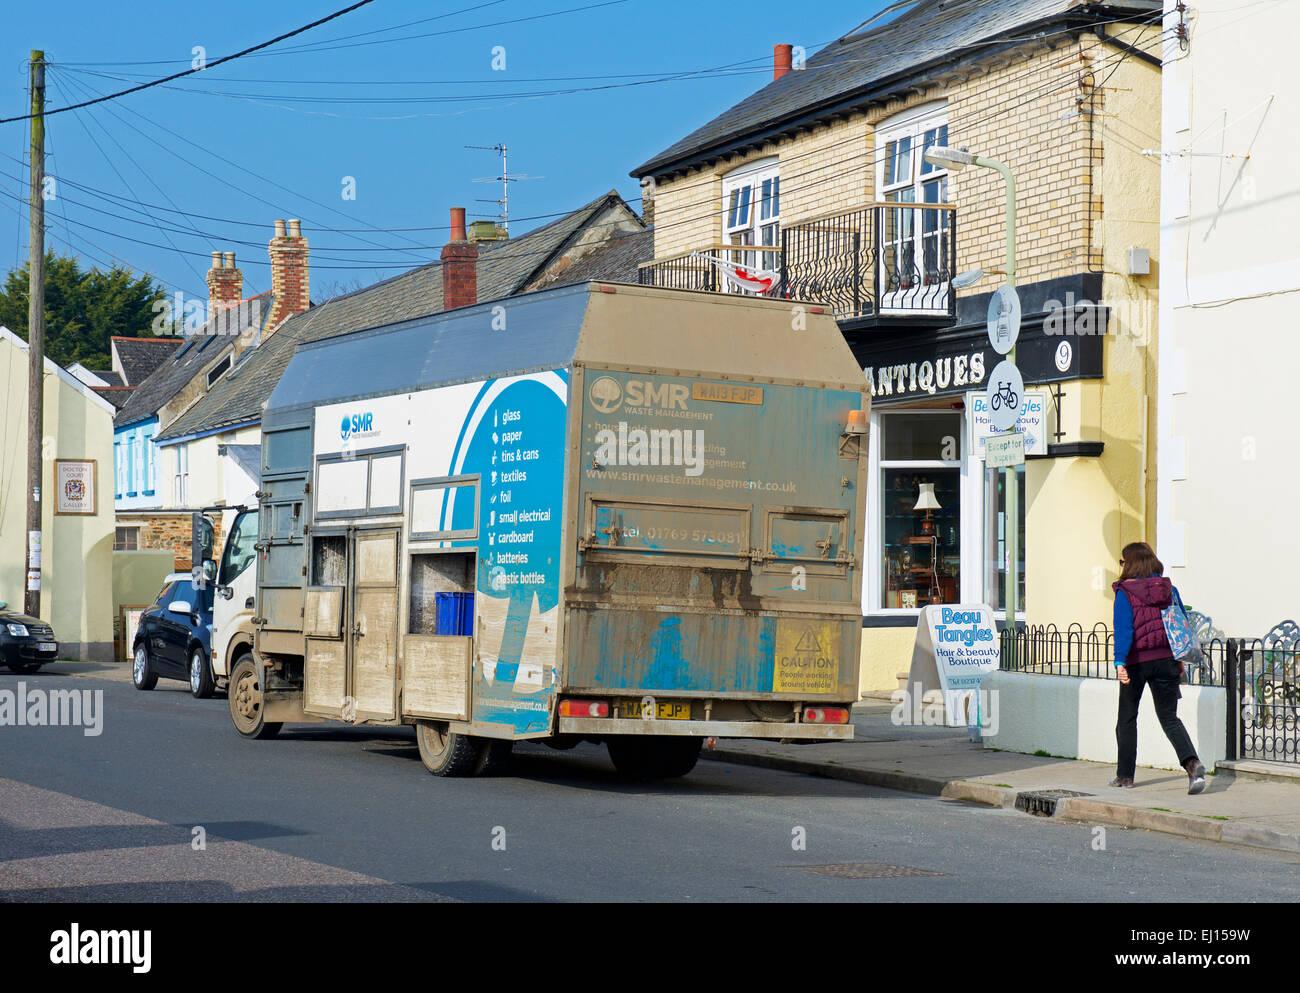 Il riciclaggio van a Appledore, Devon. Inghilterra, Regno Unito Immagini Stock